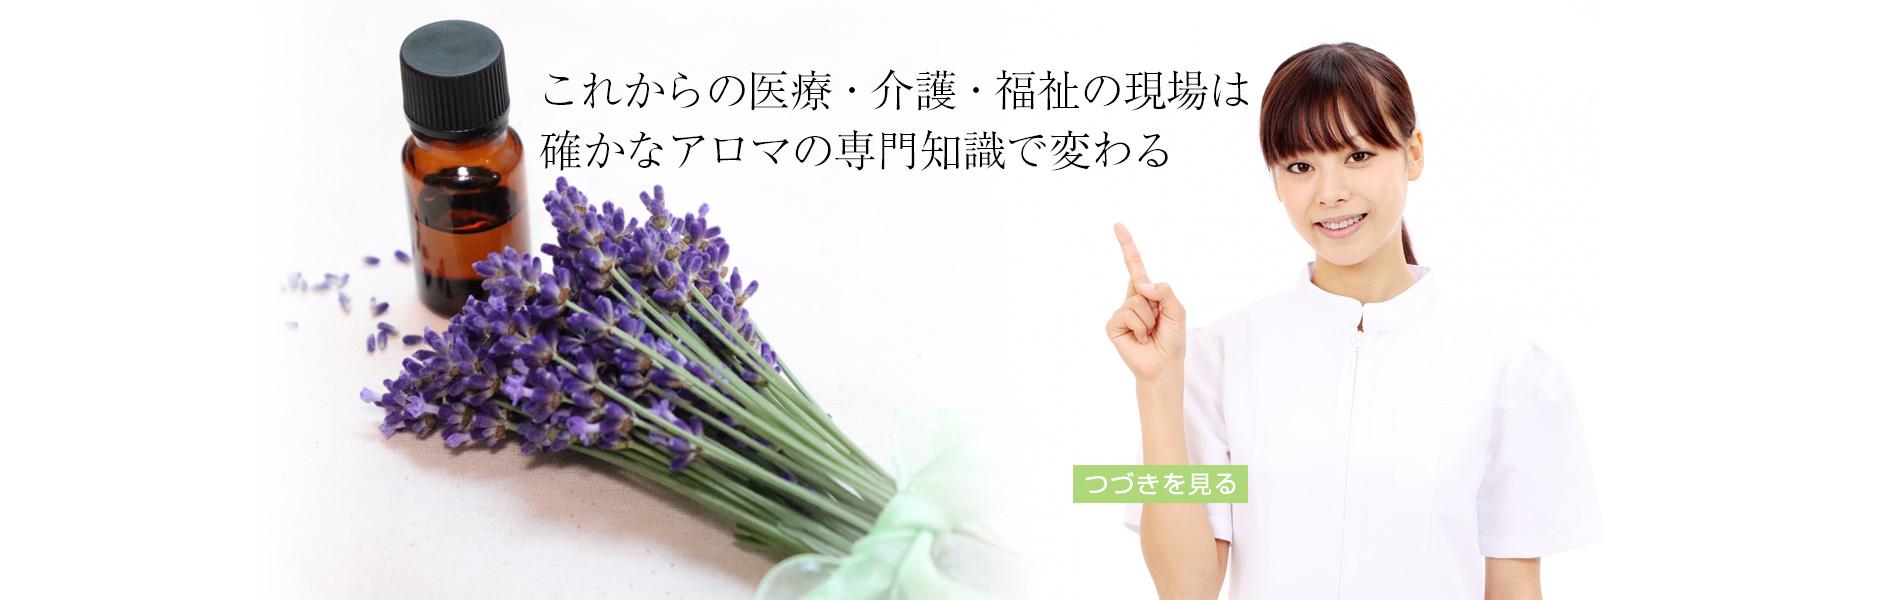 アロマ・アロマテラピー・アロマスクール<Rishece 〜リシェス〜/岡山>